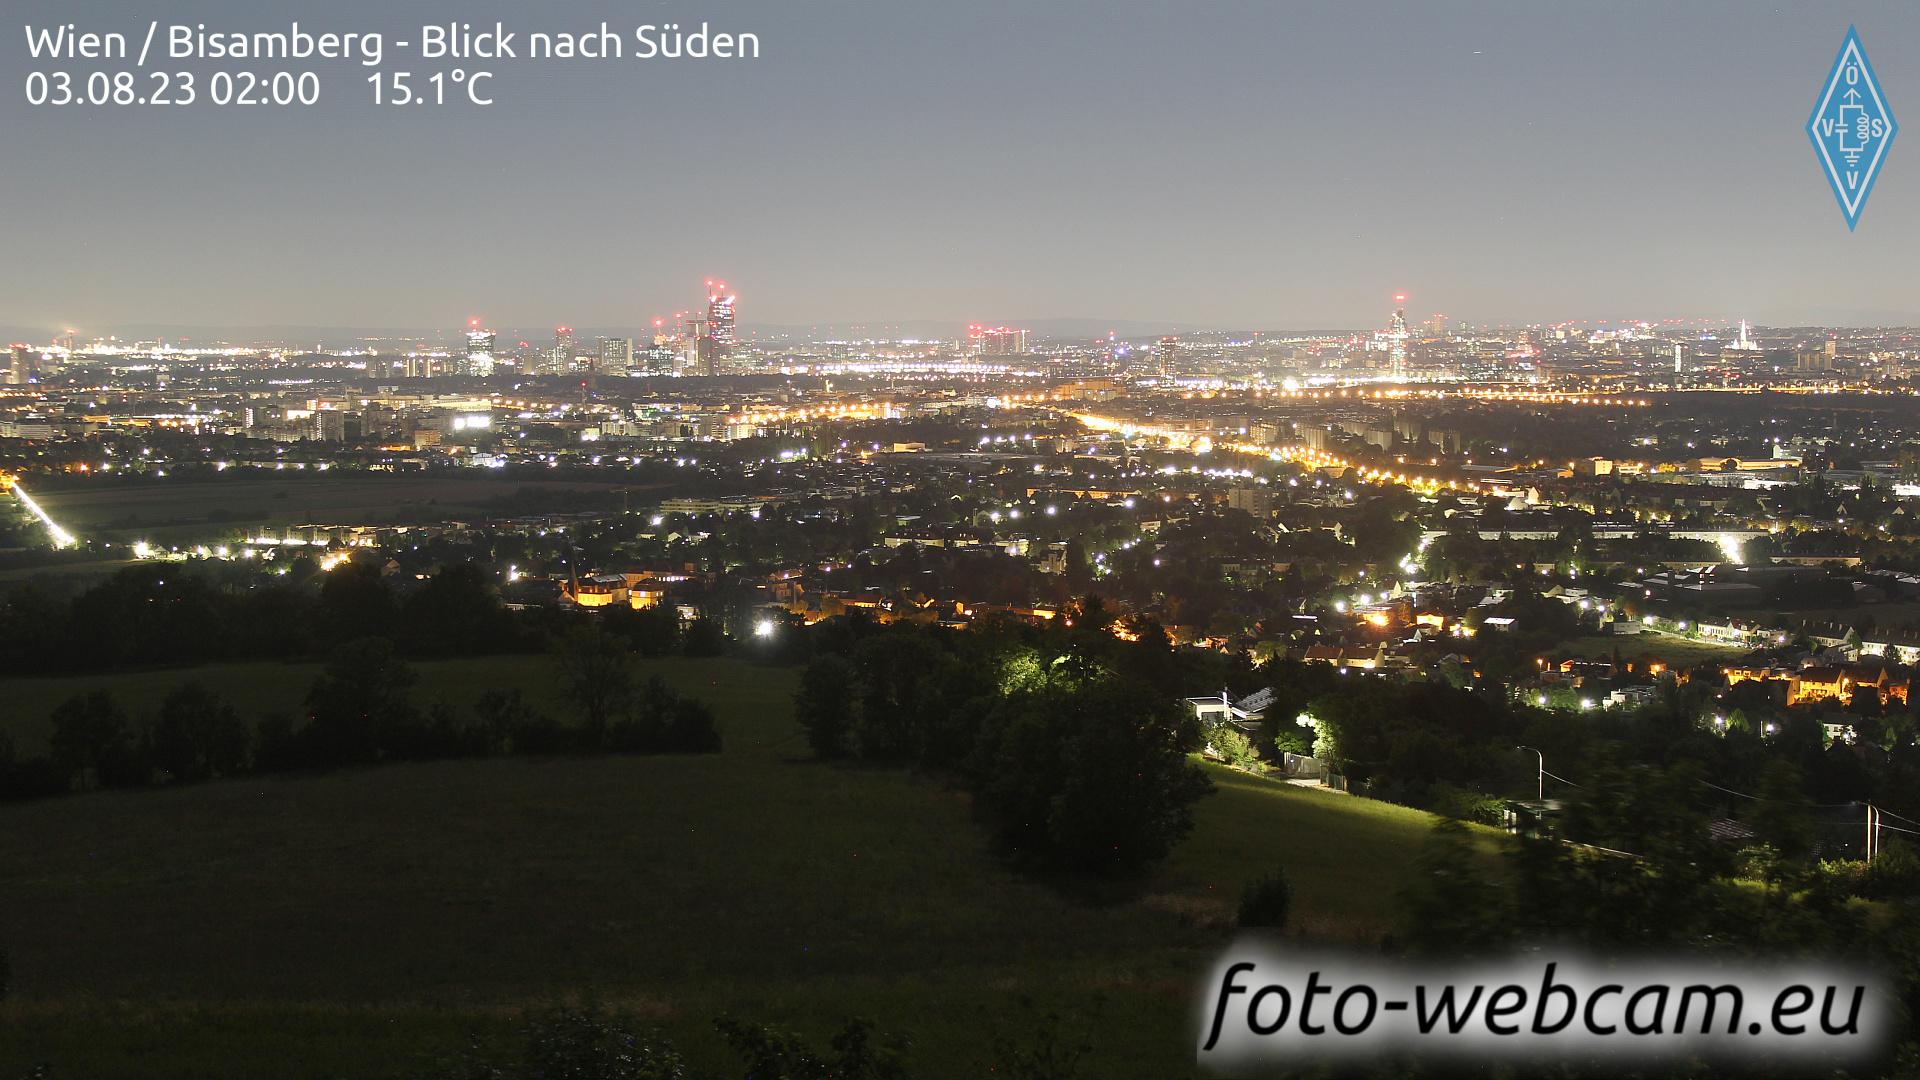 Vienna Sun. 02:14